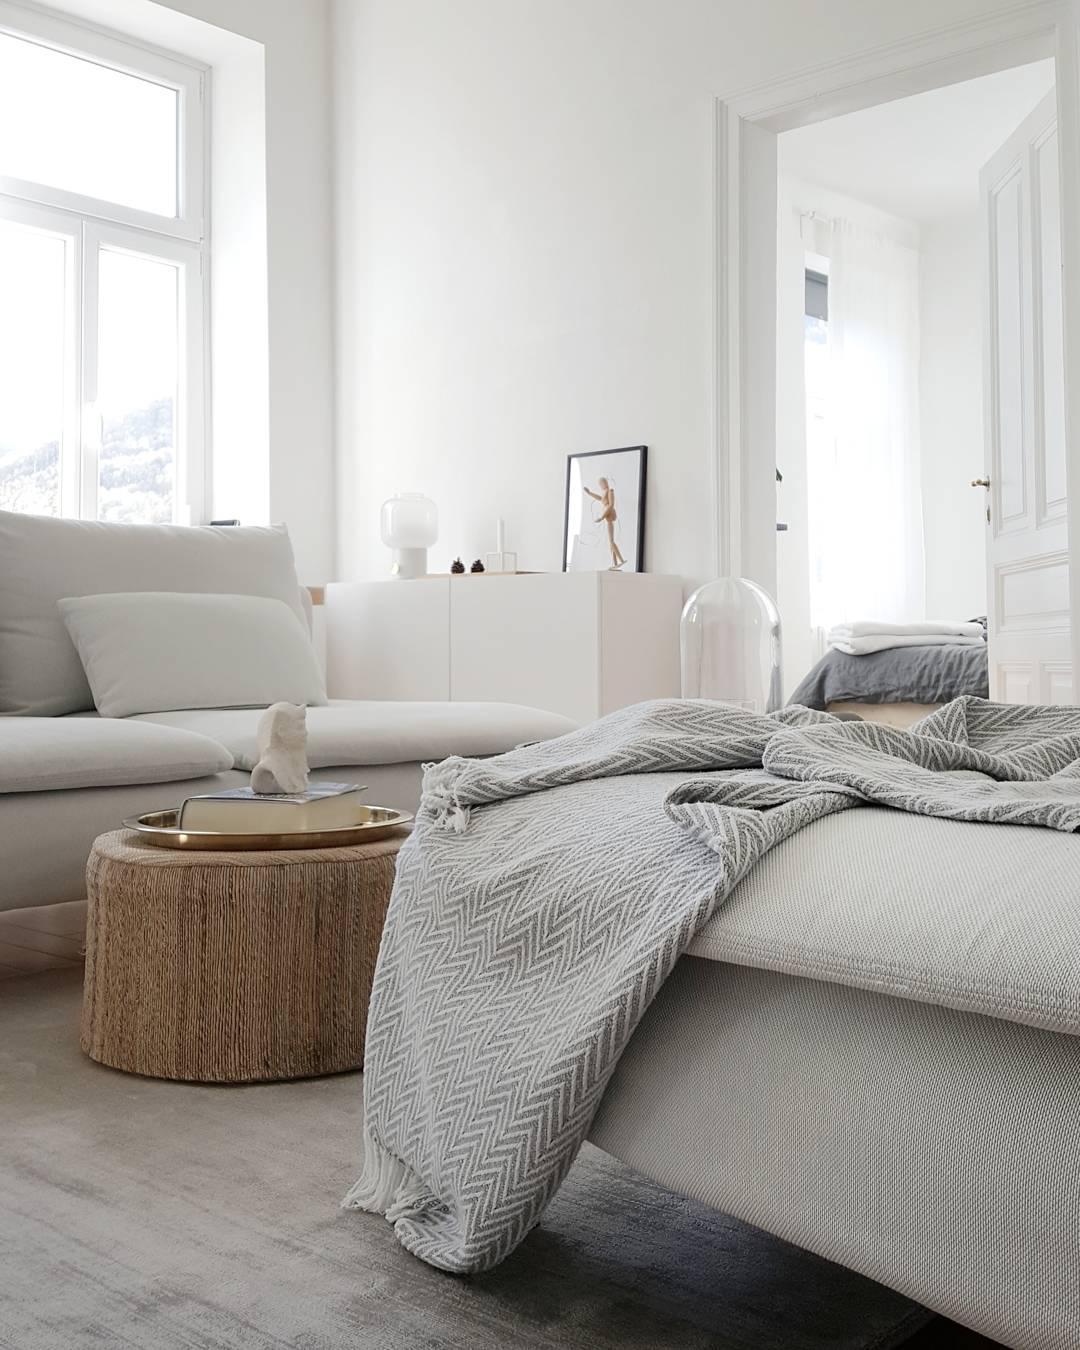 Herbstwohnzimmer Wohnzimmer Weiss Grau Skandinavisch Minimalism Interior Altbau